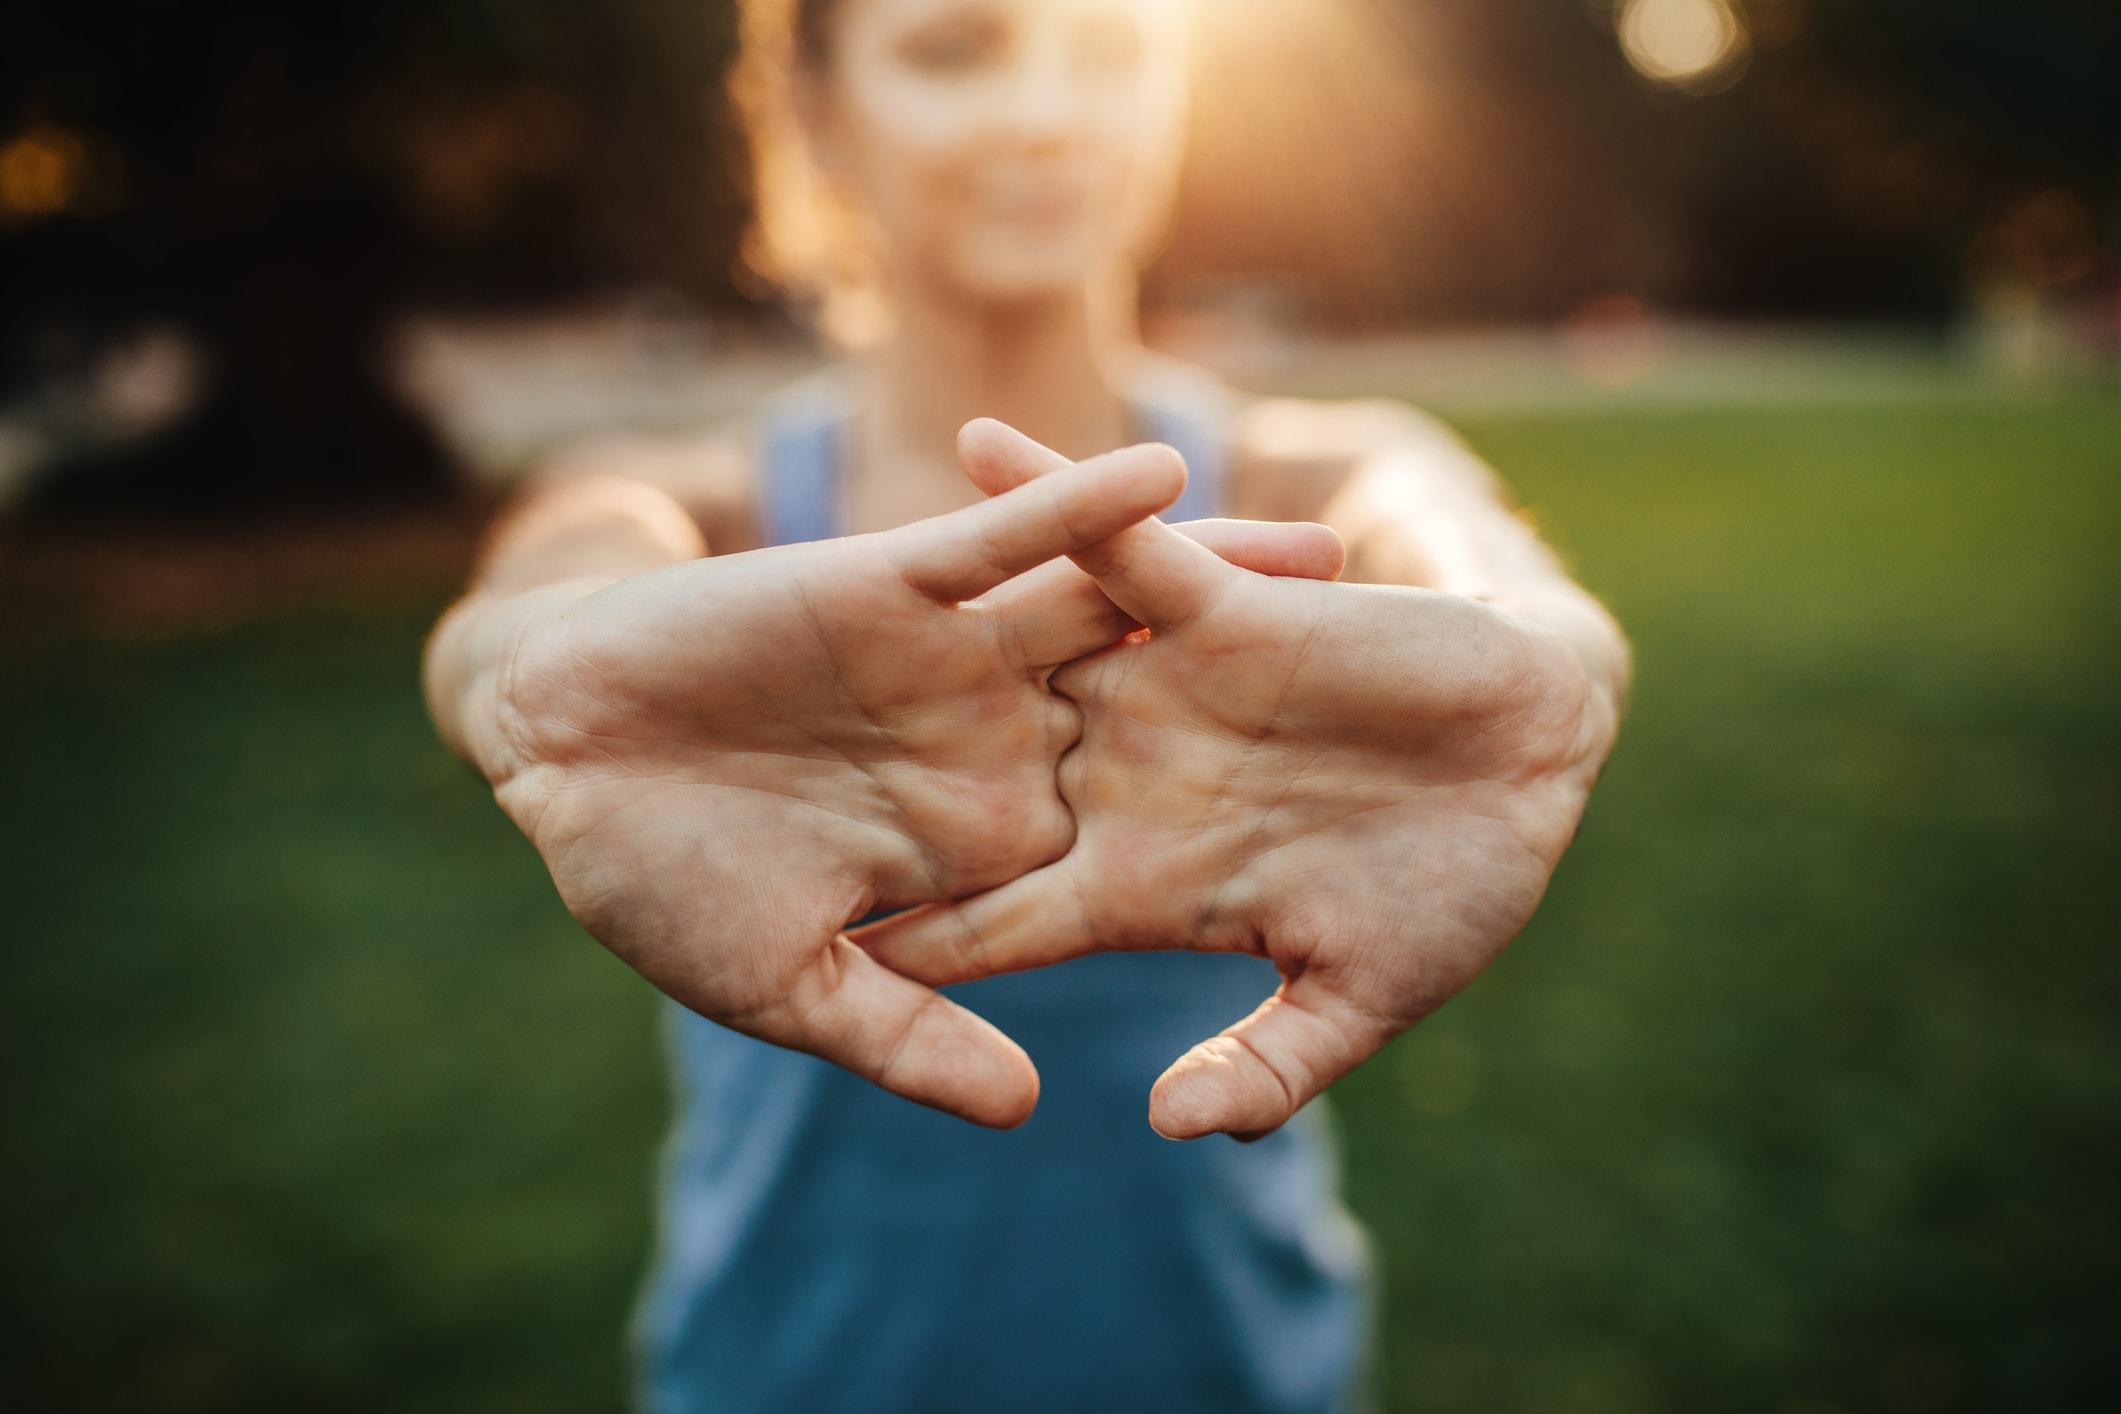 Tägliche Dehnübungen kann bei geschwollenen Händen helfen